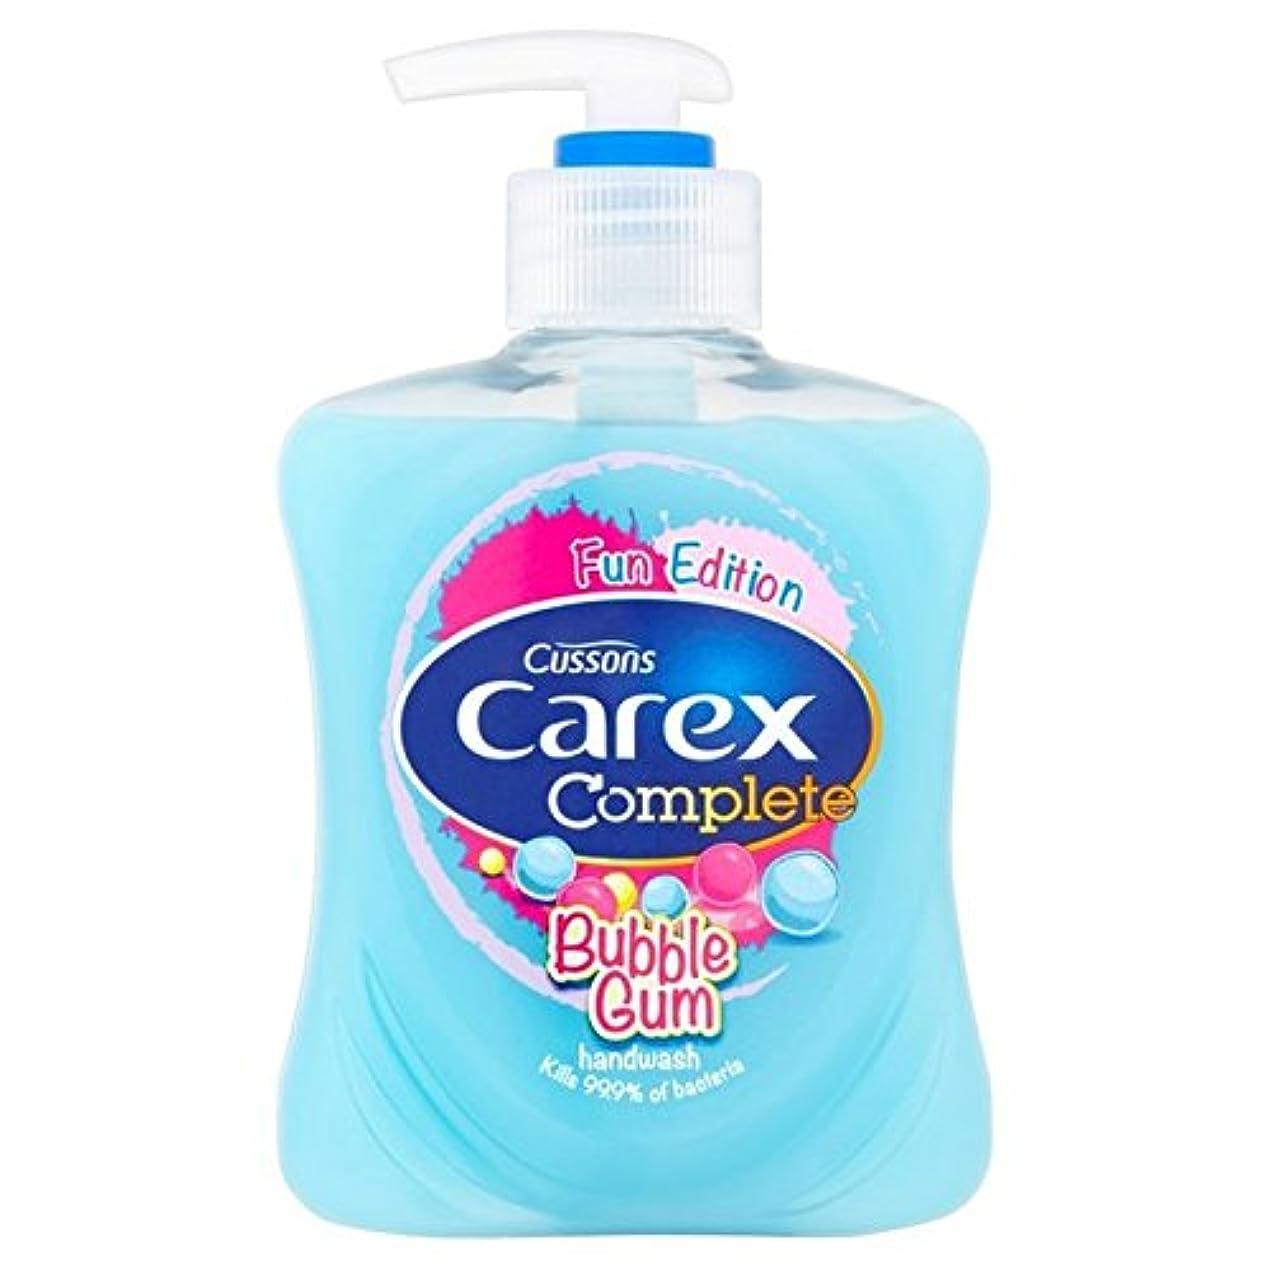 謝罪中焼くCarex Kids Handwash Bubblegum 250ml (Pack of 6) - スゲ子供手洗いバブルガムの250ミリリットル x6 [並行輸入品]